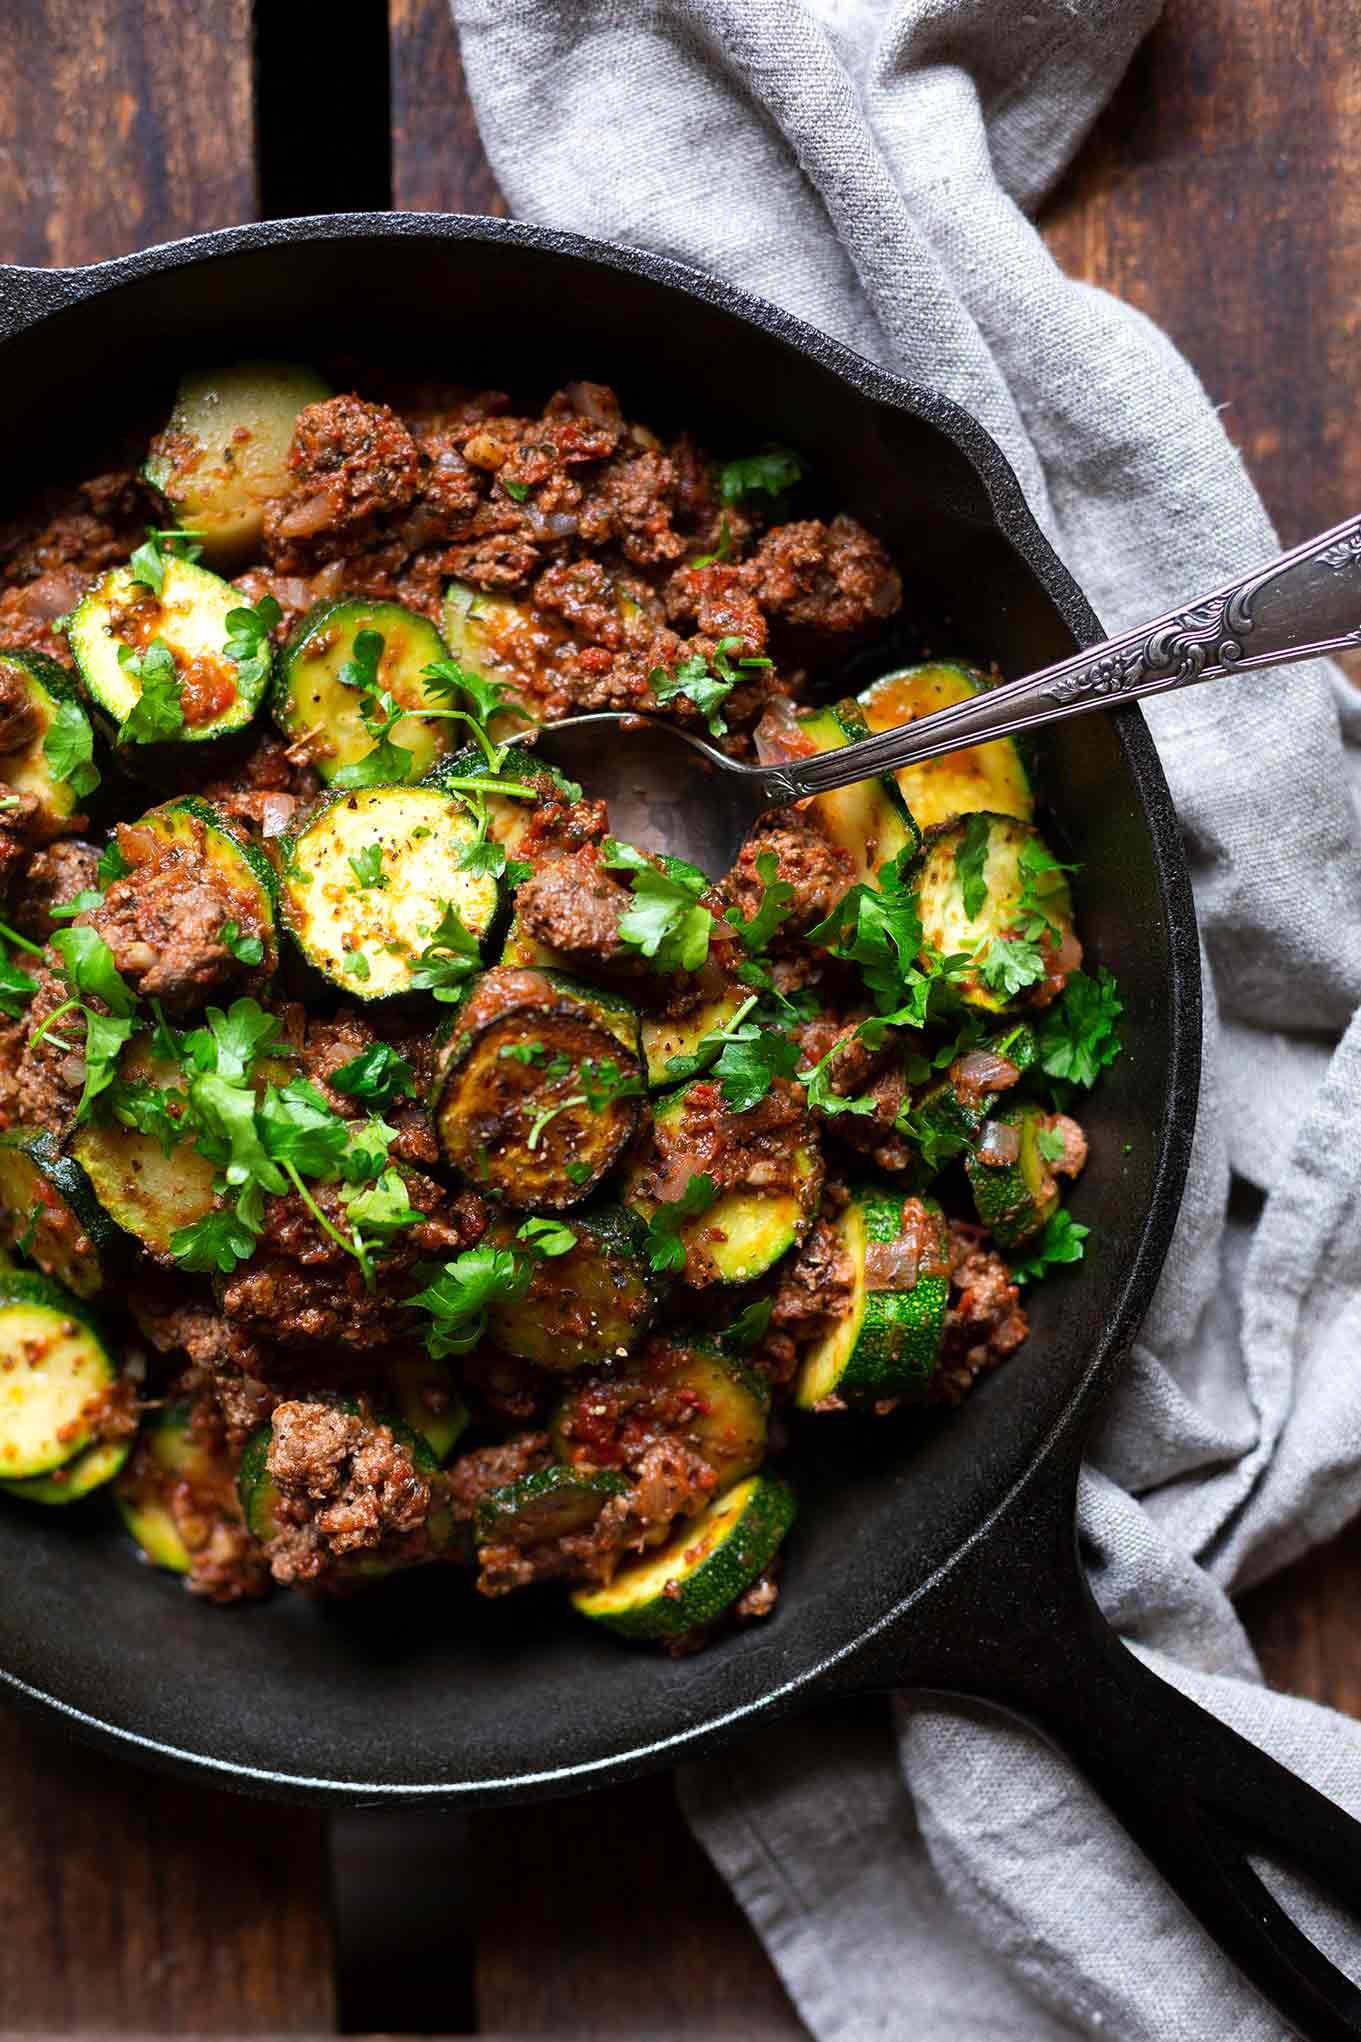 Zucchini-Hackfleisch-Pfanne. Dieses leckere Low Carb Rezept ist schnell zubereitet, ein perfektes Sommerrezept und  Meal Prep geeignet - Kochkarussell Foodblog #zucchini #hackfleisch #low carb #kochkarussell